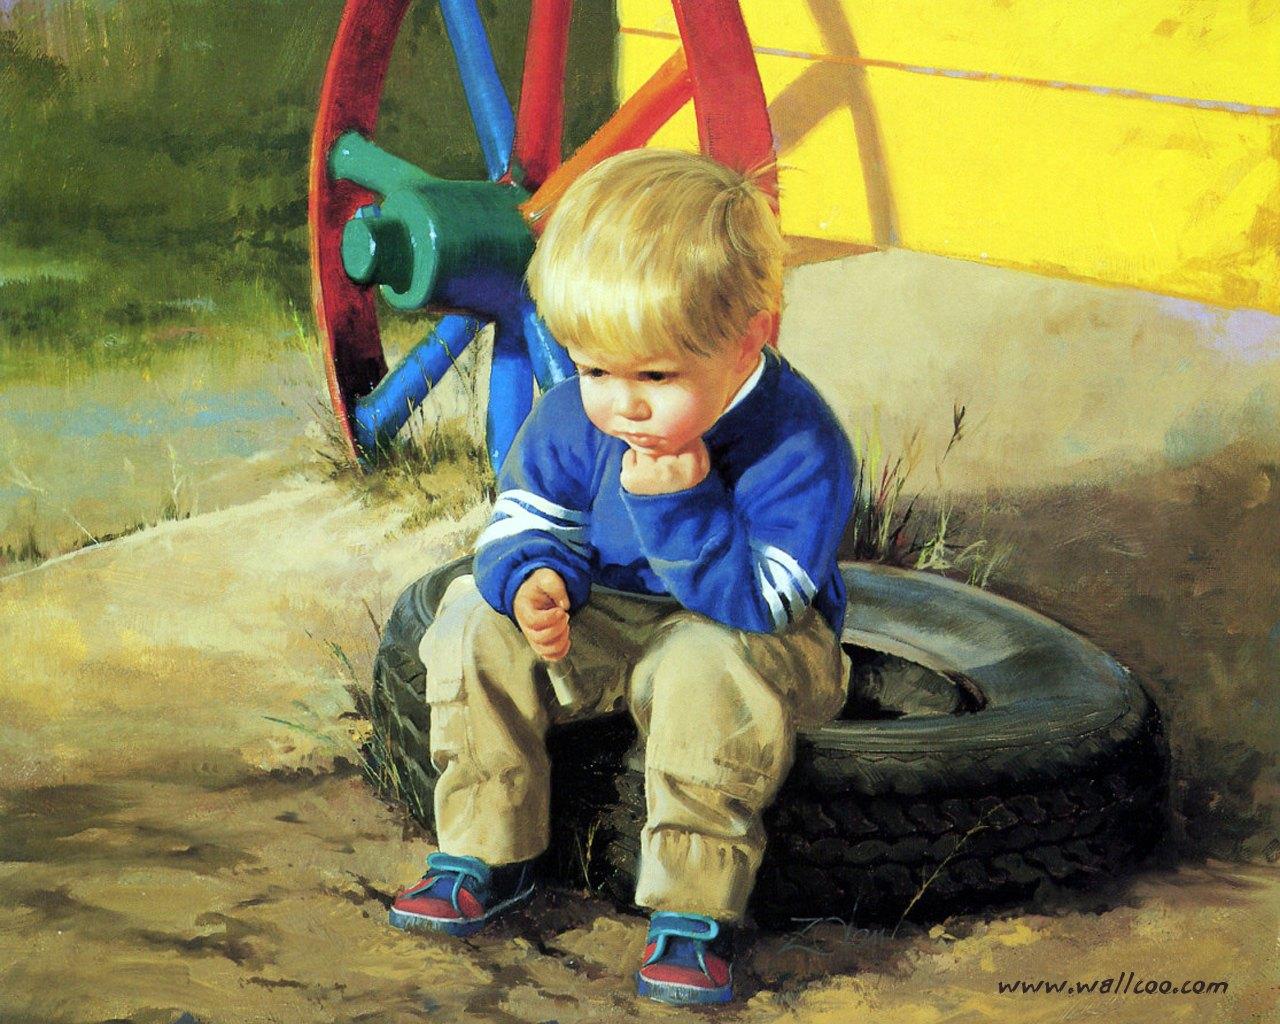 Села на лицо мальчику рассказ 12 фотография